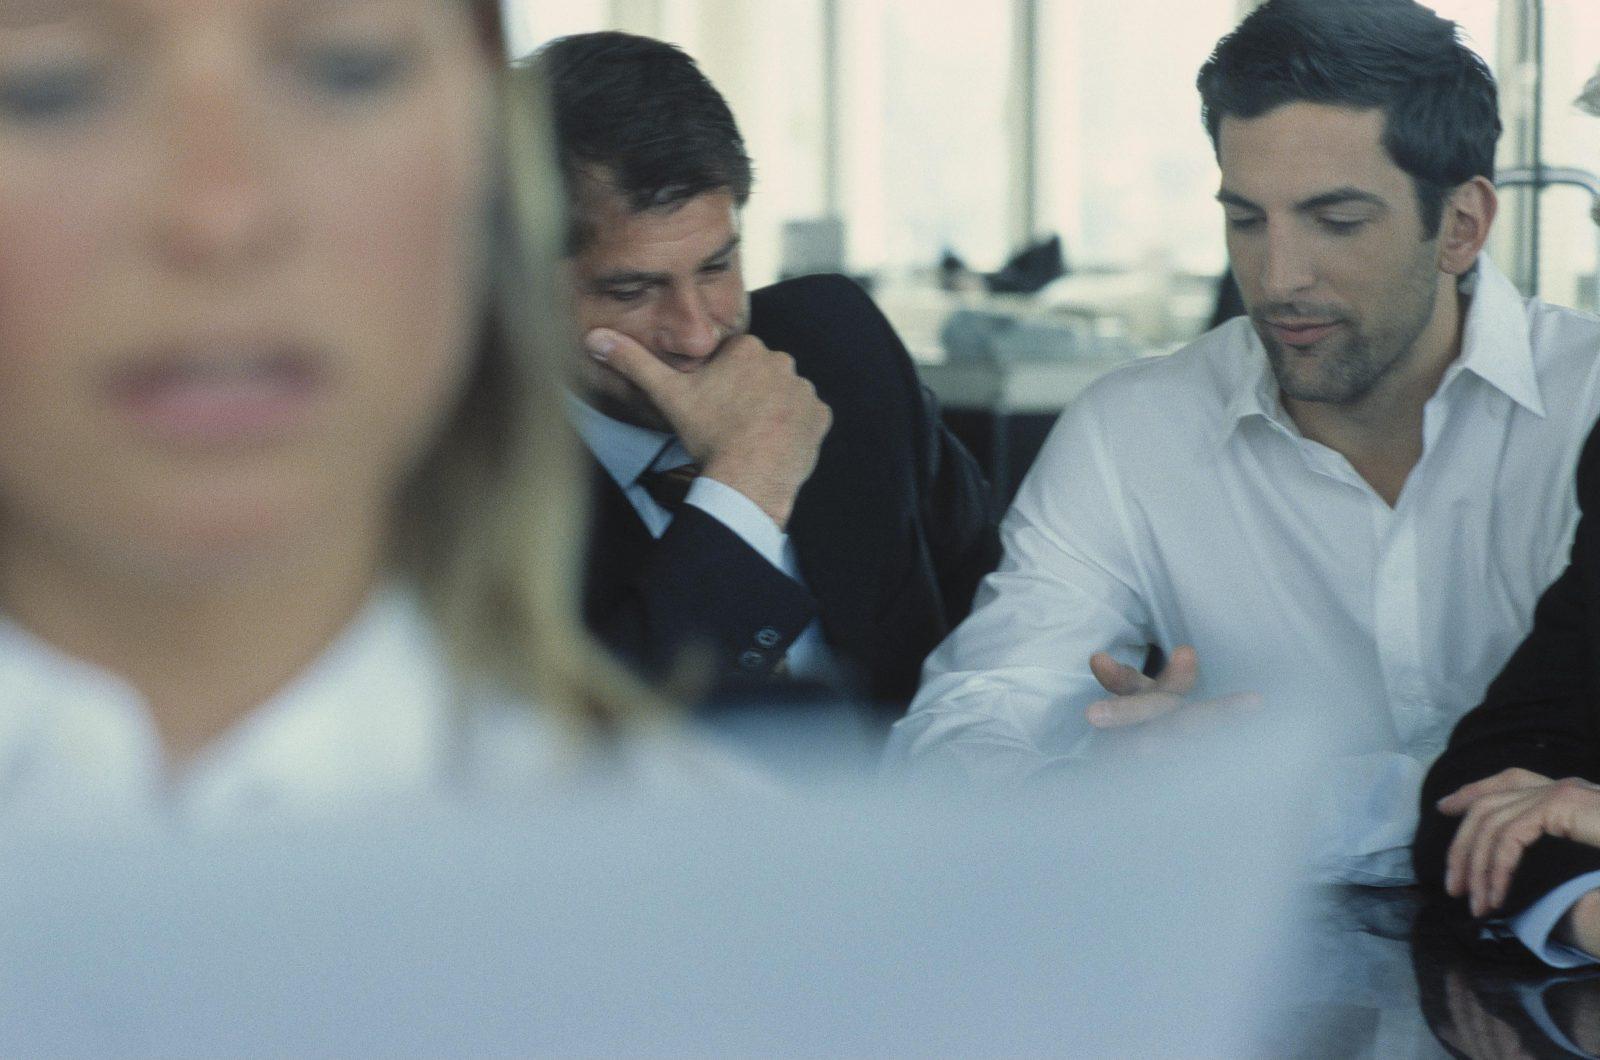 Büro: Vorsichtig sein, um Ärger mit dem Chef zu vermeiden Foto: picture alliance/VisualEyze